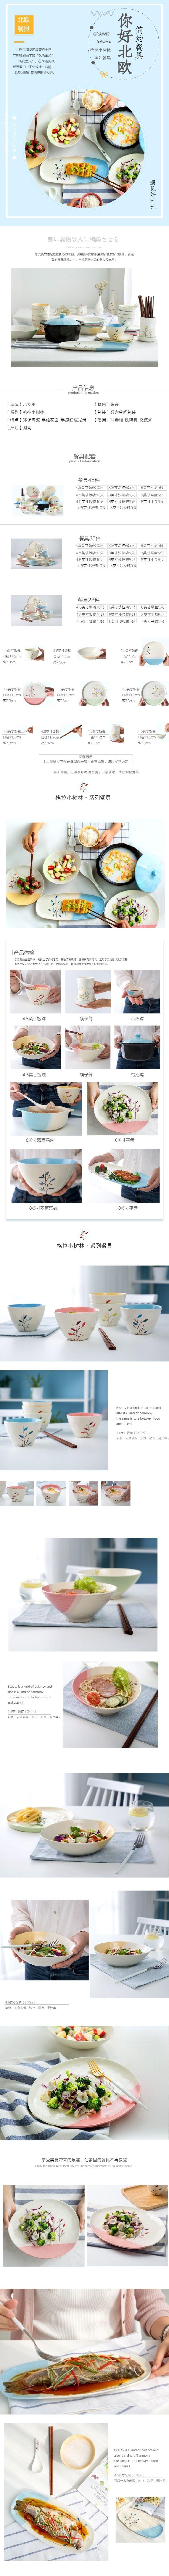 清新简约百货零货家居生活餐具促销电商详情页